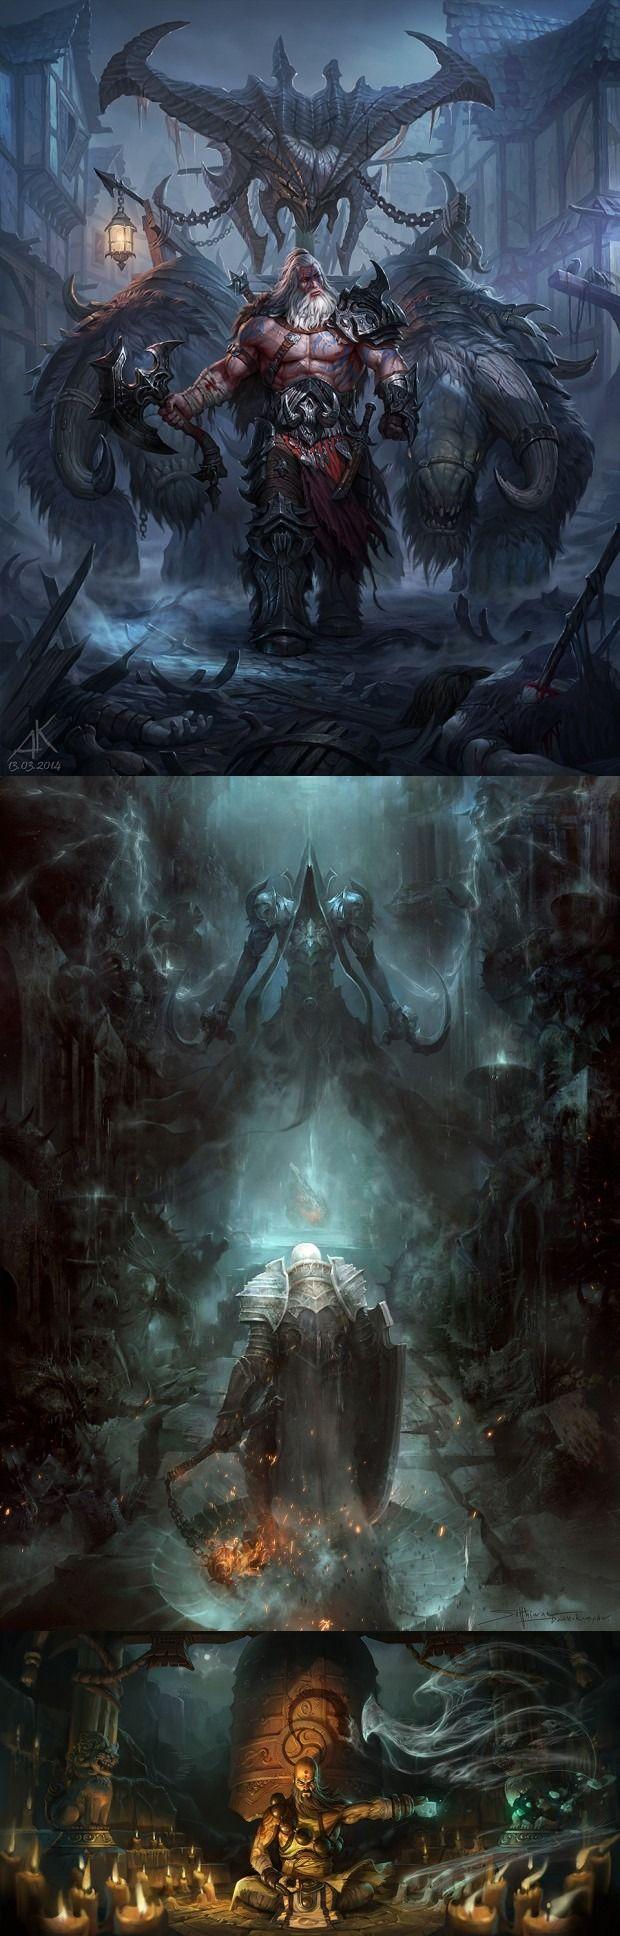 Diablo III: Reaper of Souls Fan Art Contest Winners xGinfull <xginfull@gmail.com>